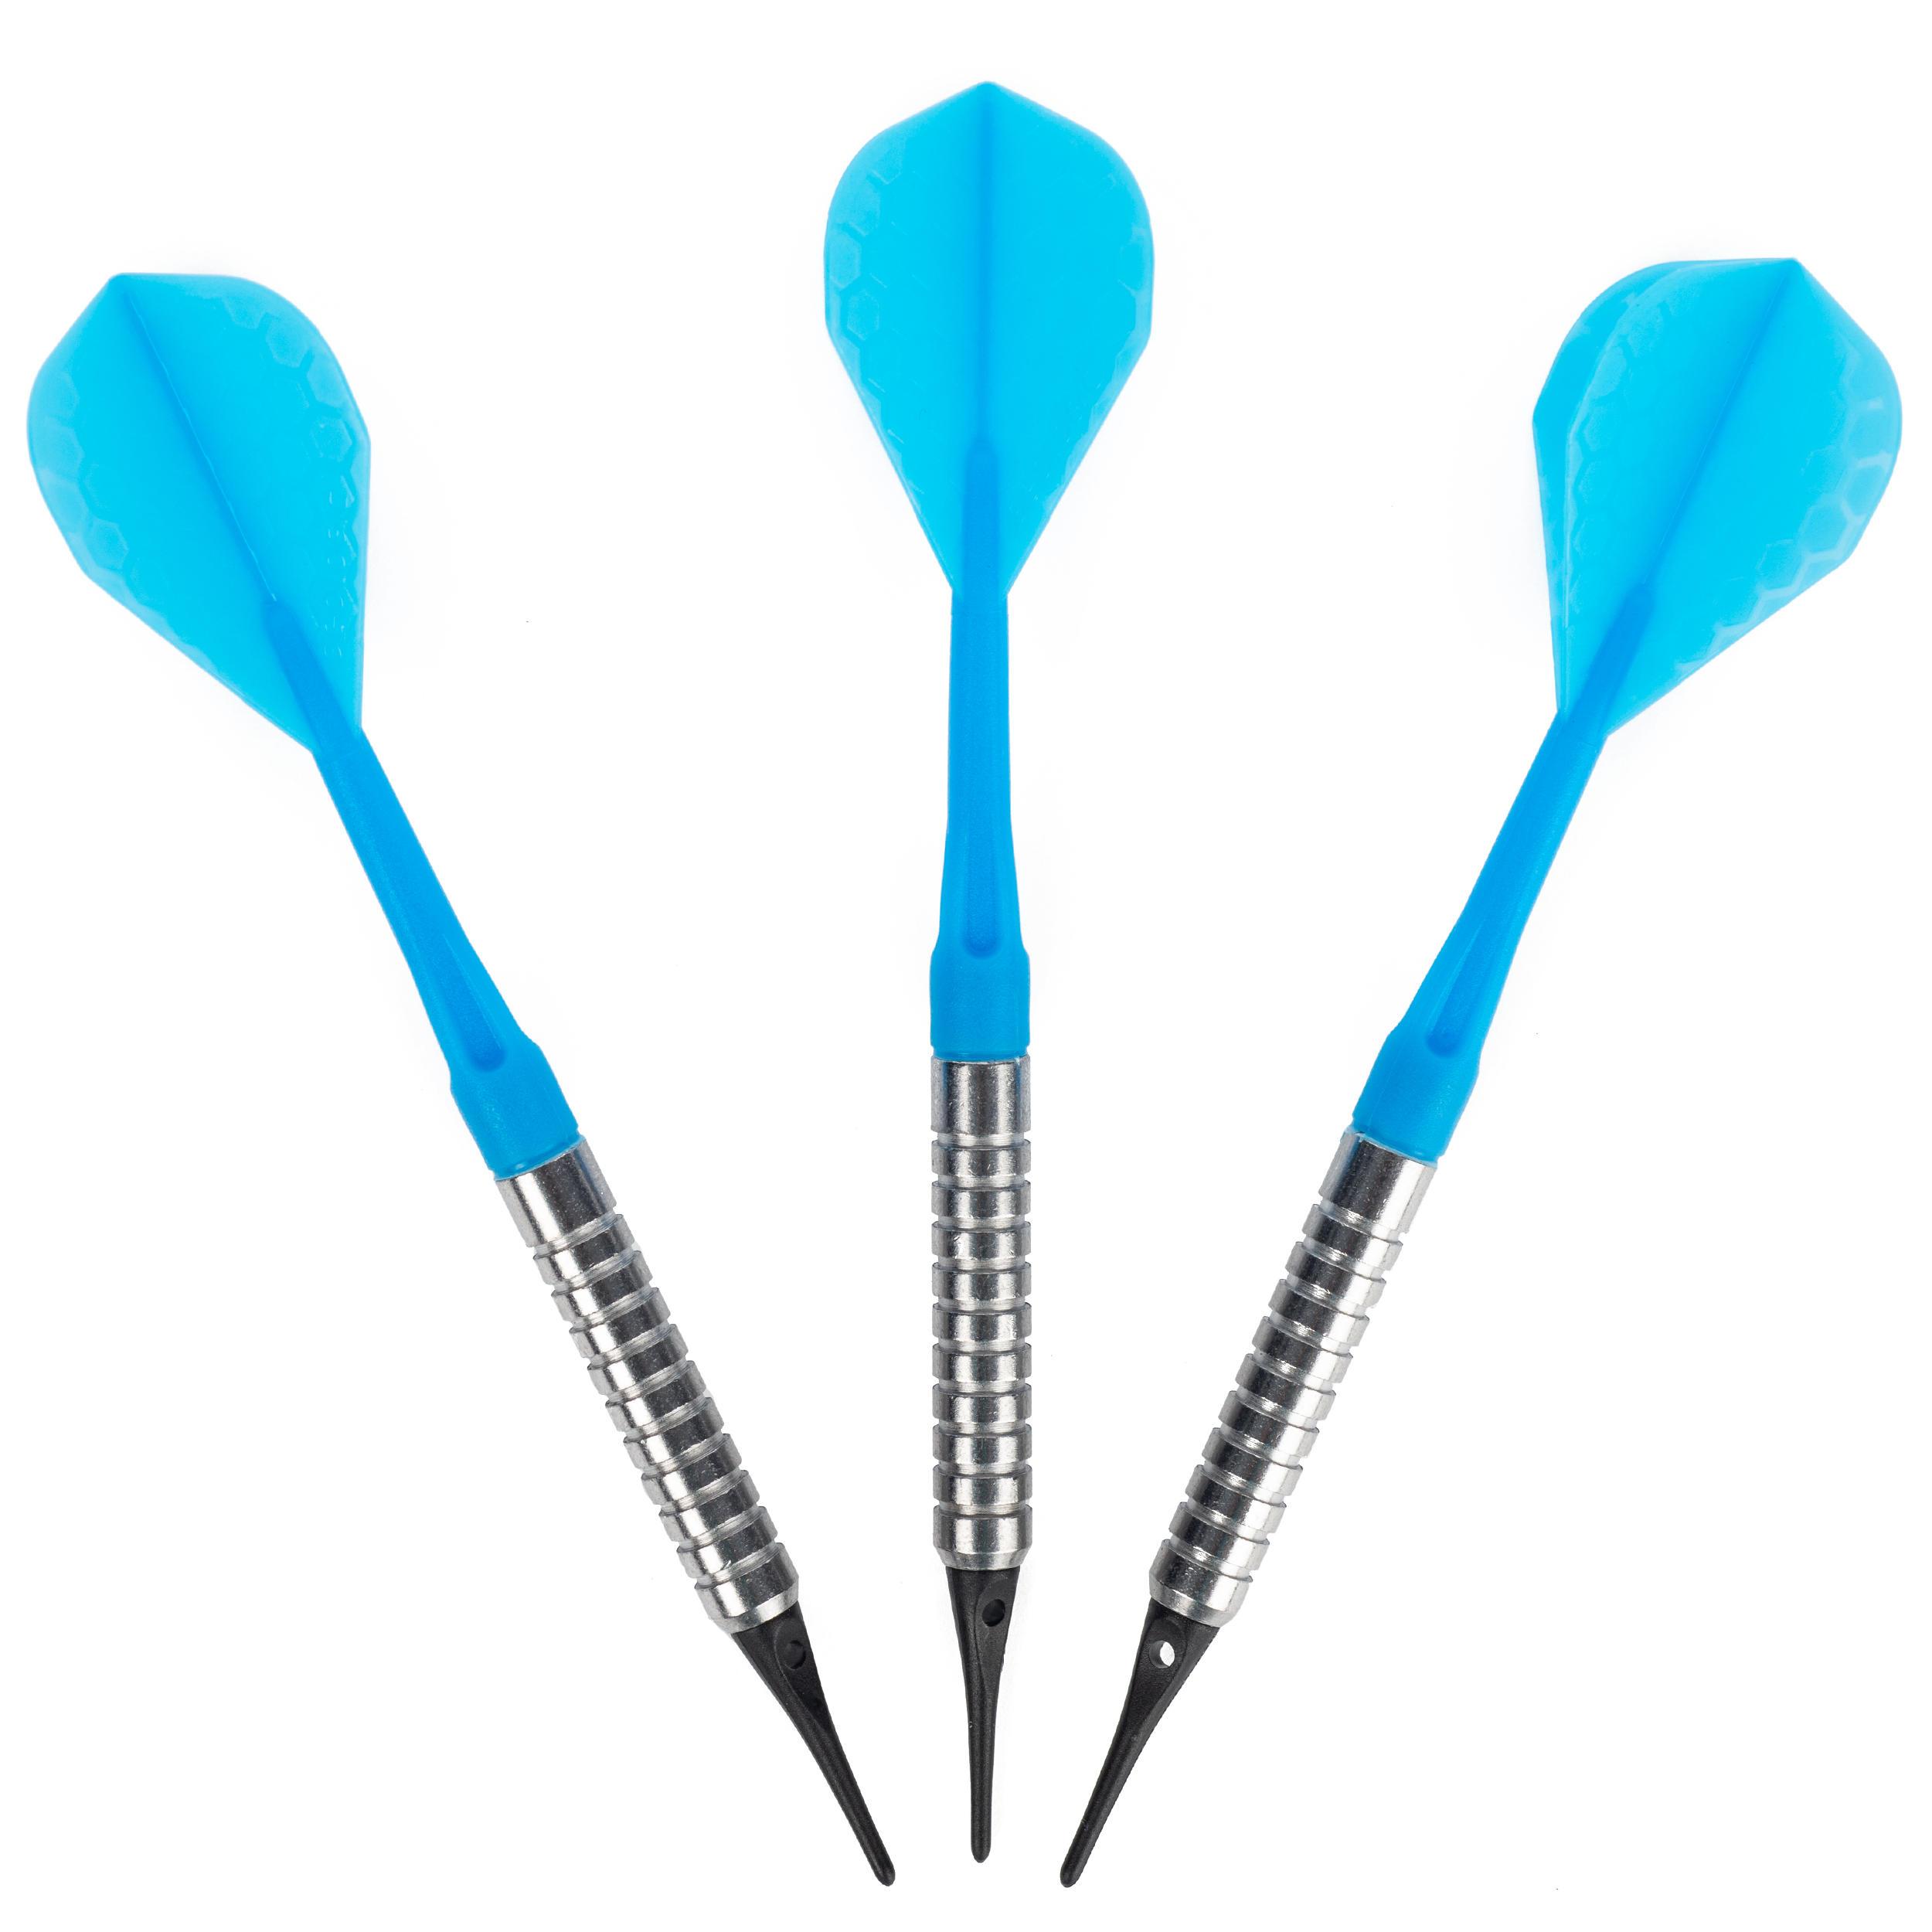 Săgeată S100 darts x3 imagine produs